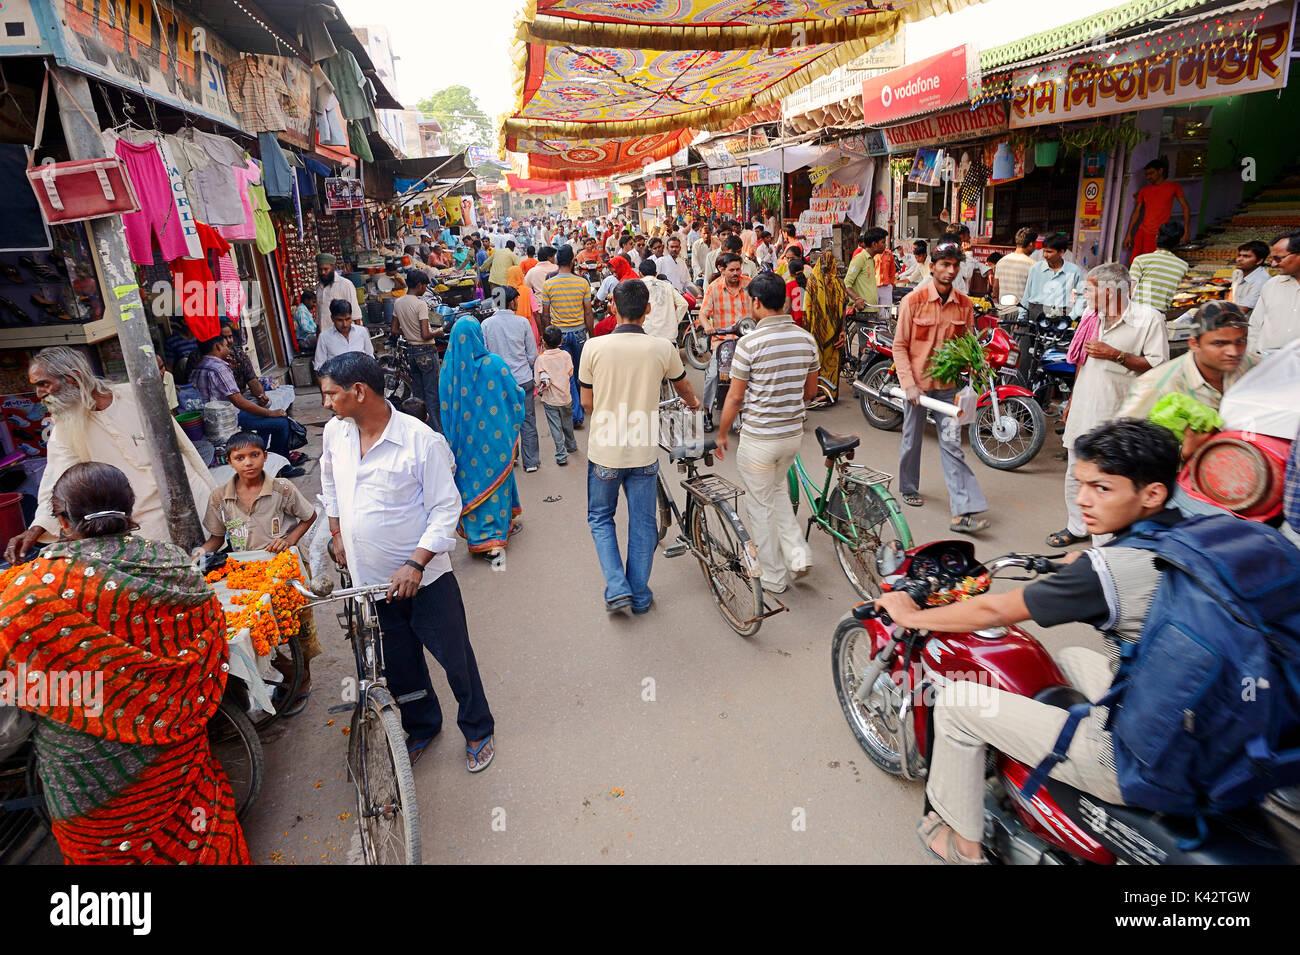 Shopping street during Diwali festival, Bharatpur, Rajasthan, India | Einkaufsstrasse beim Lichterfest Diwali, Bharatpur, Rajasthan, Indien - Stock Image